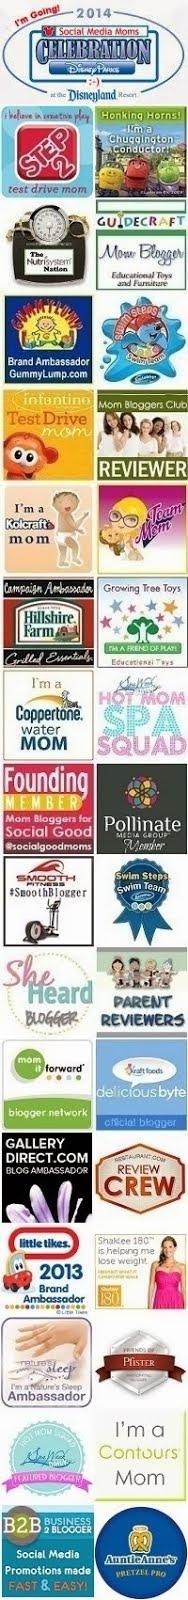 Blog Associations